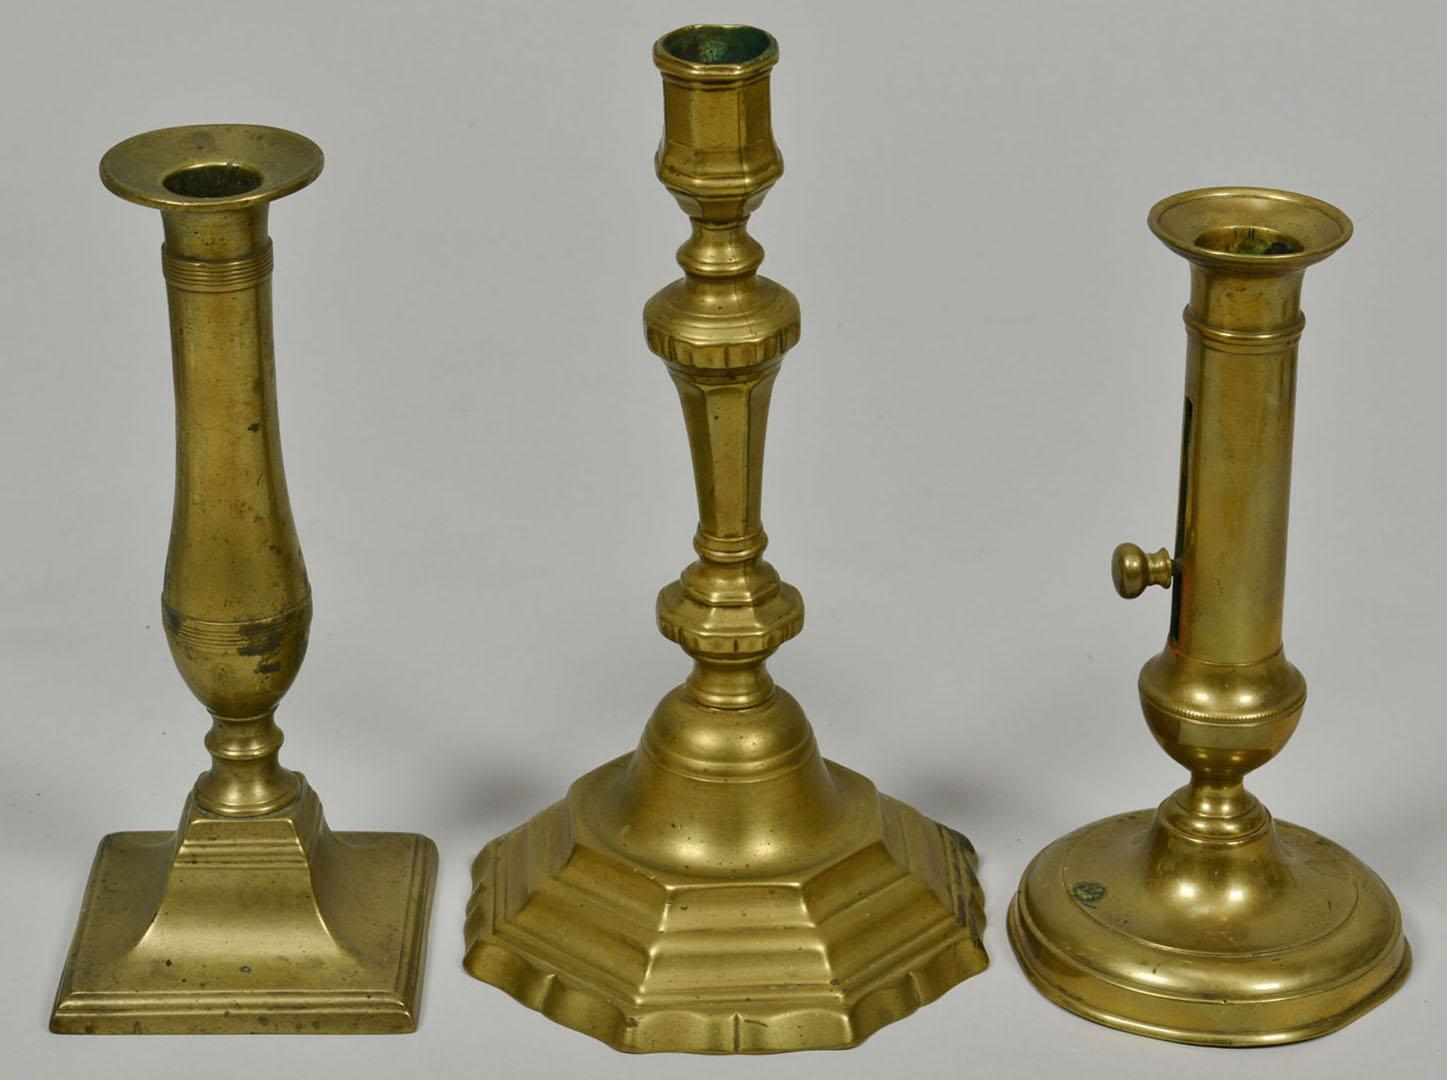 Lot 2872323: 13 Assorted Brass Candlesticks and Chambersticks,